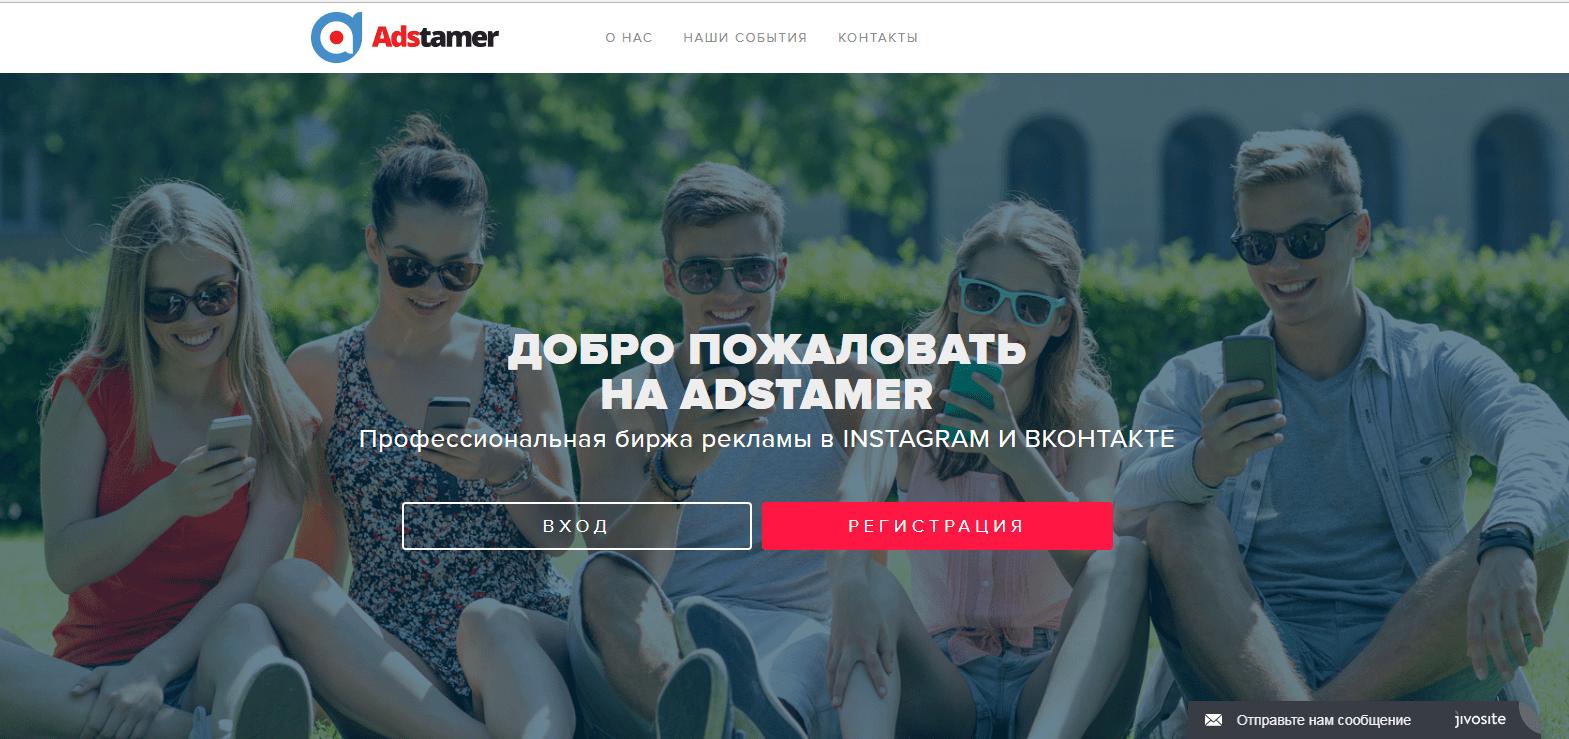 adstamer-birzha-reklamy